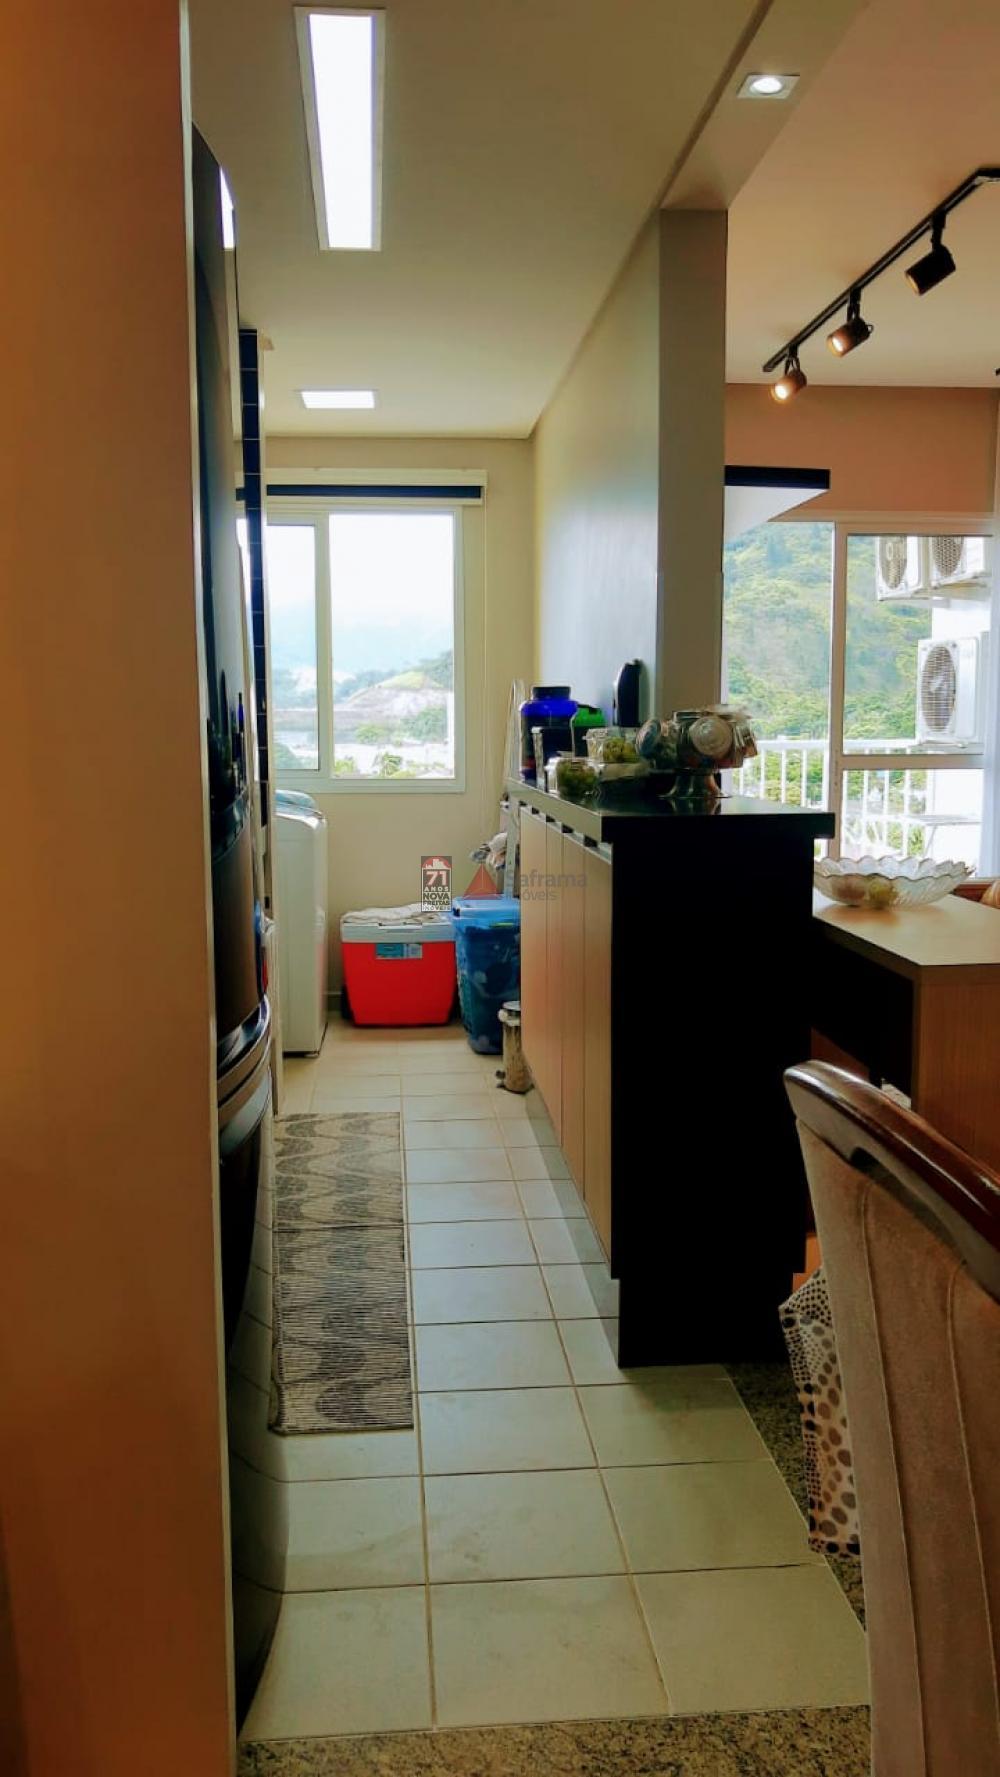 Comprar Apartamento / Padrão em Caraguatatuba apenas R$ 310.000,00 - Foto 5